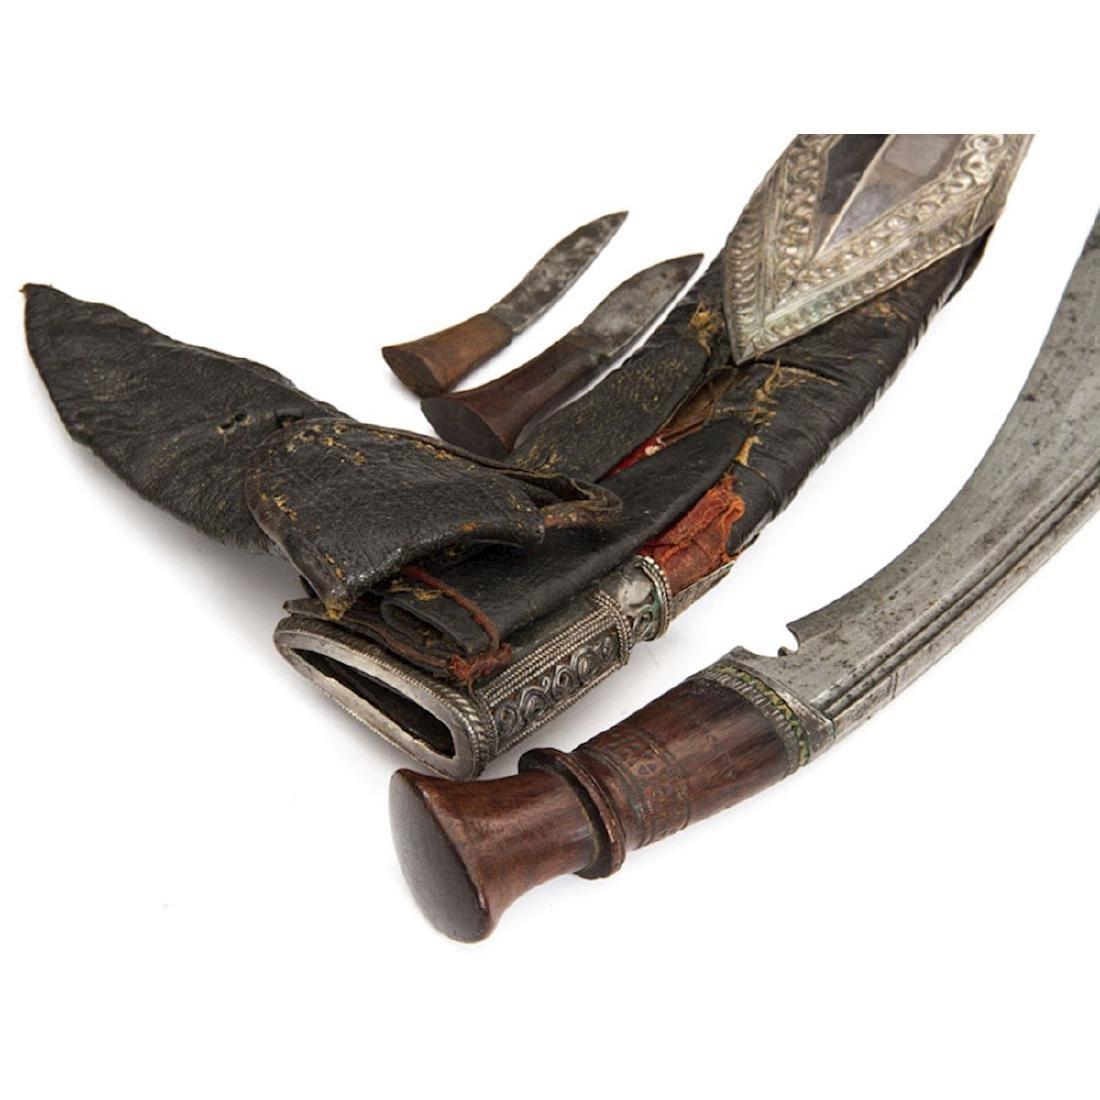 SILVER MOUNTED KUKRI KNIFE, NEPAL, 19TH C. - 8